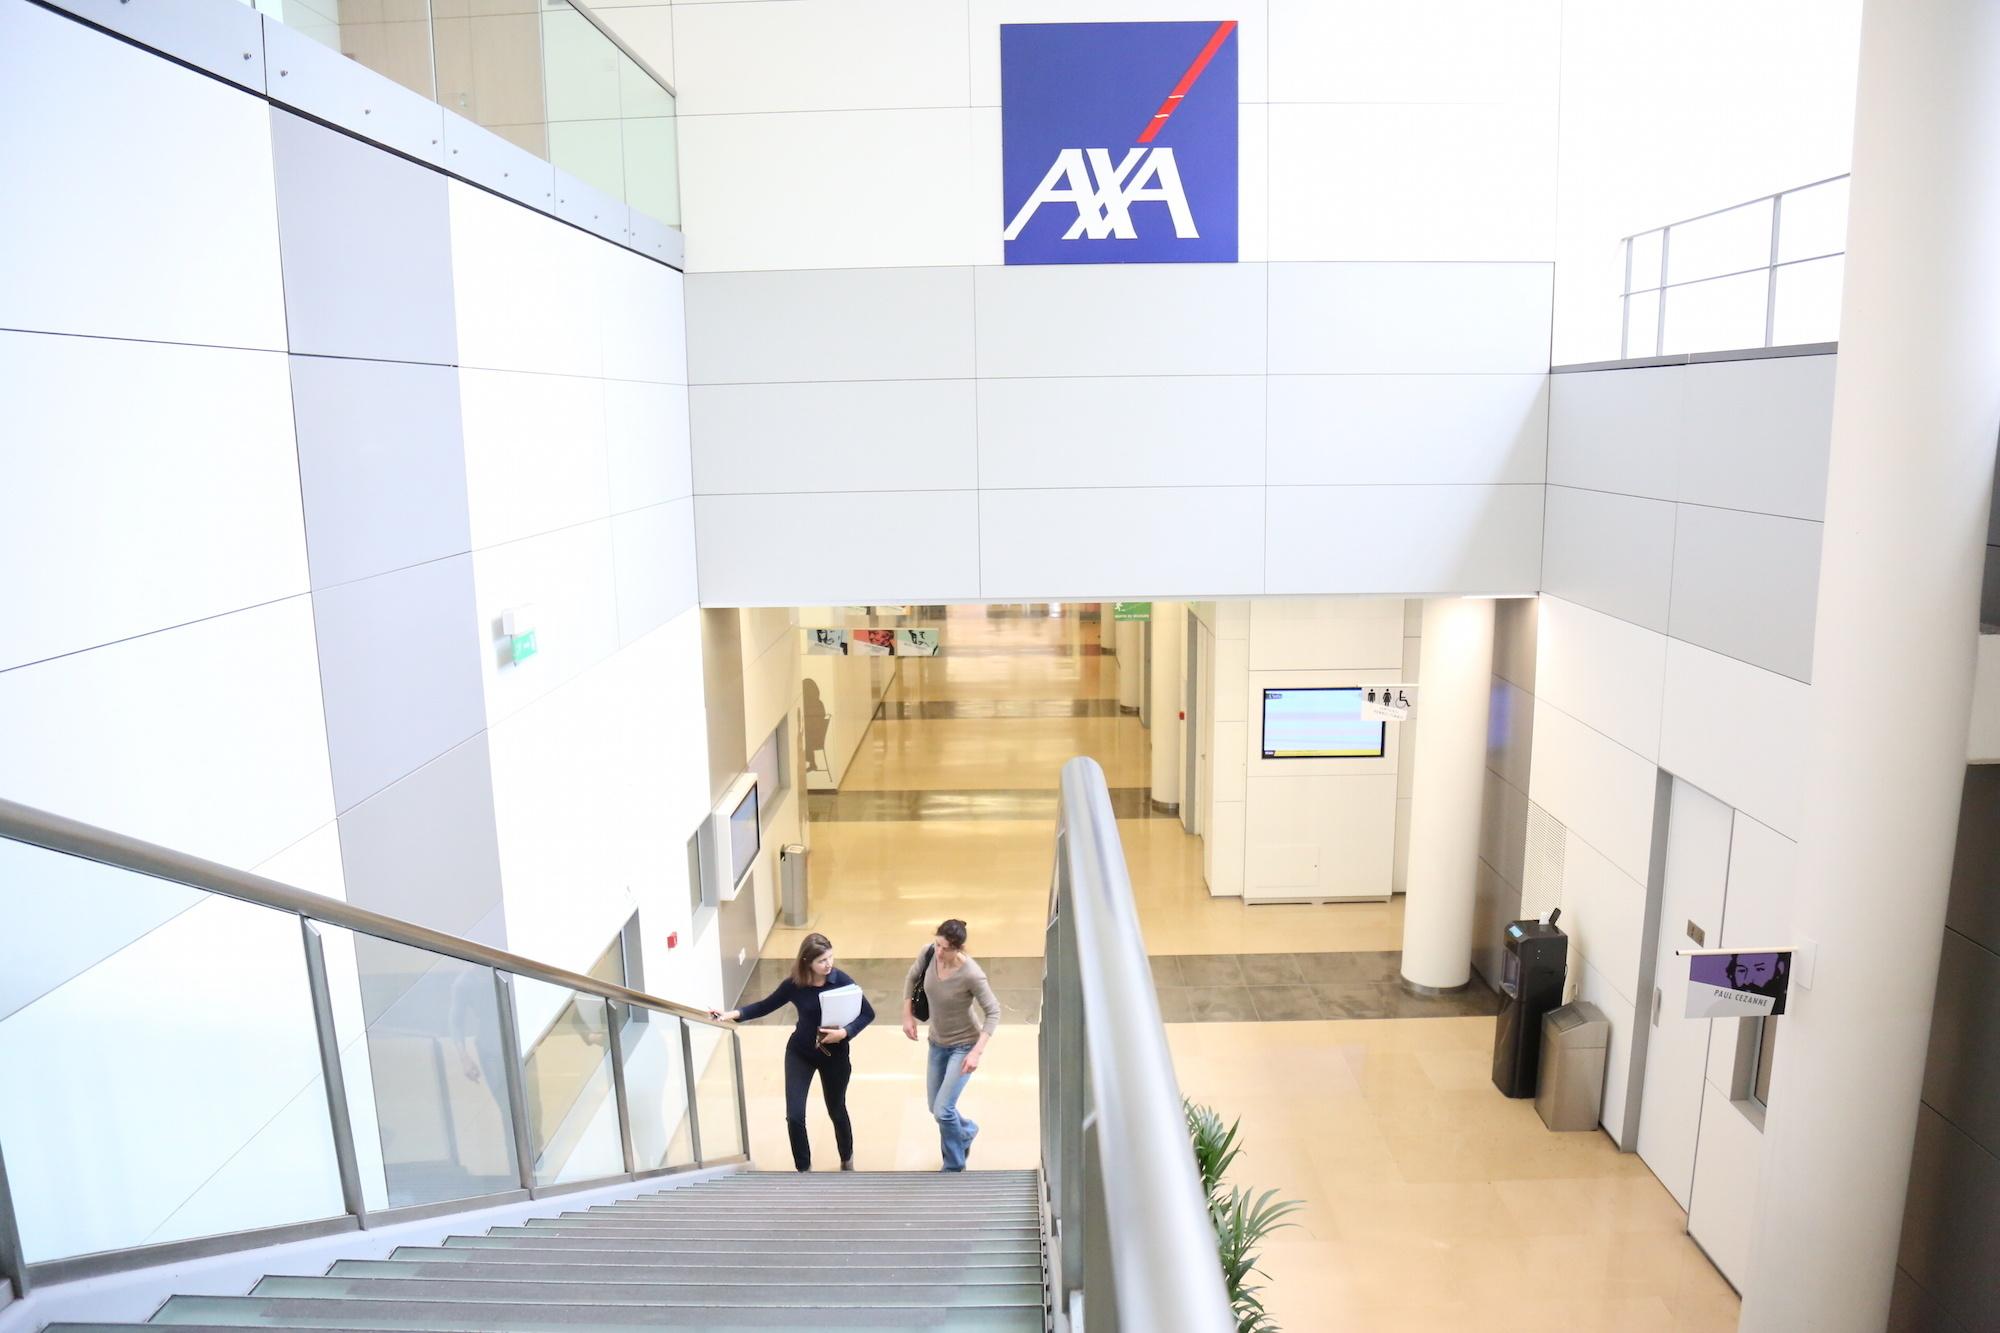 Axa Photos Vidéos Recrutement